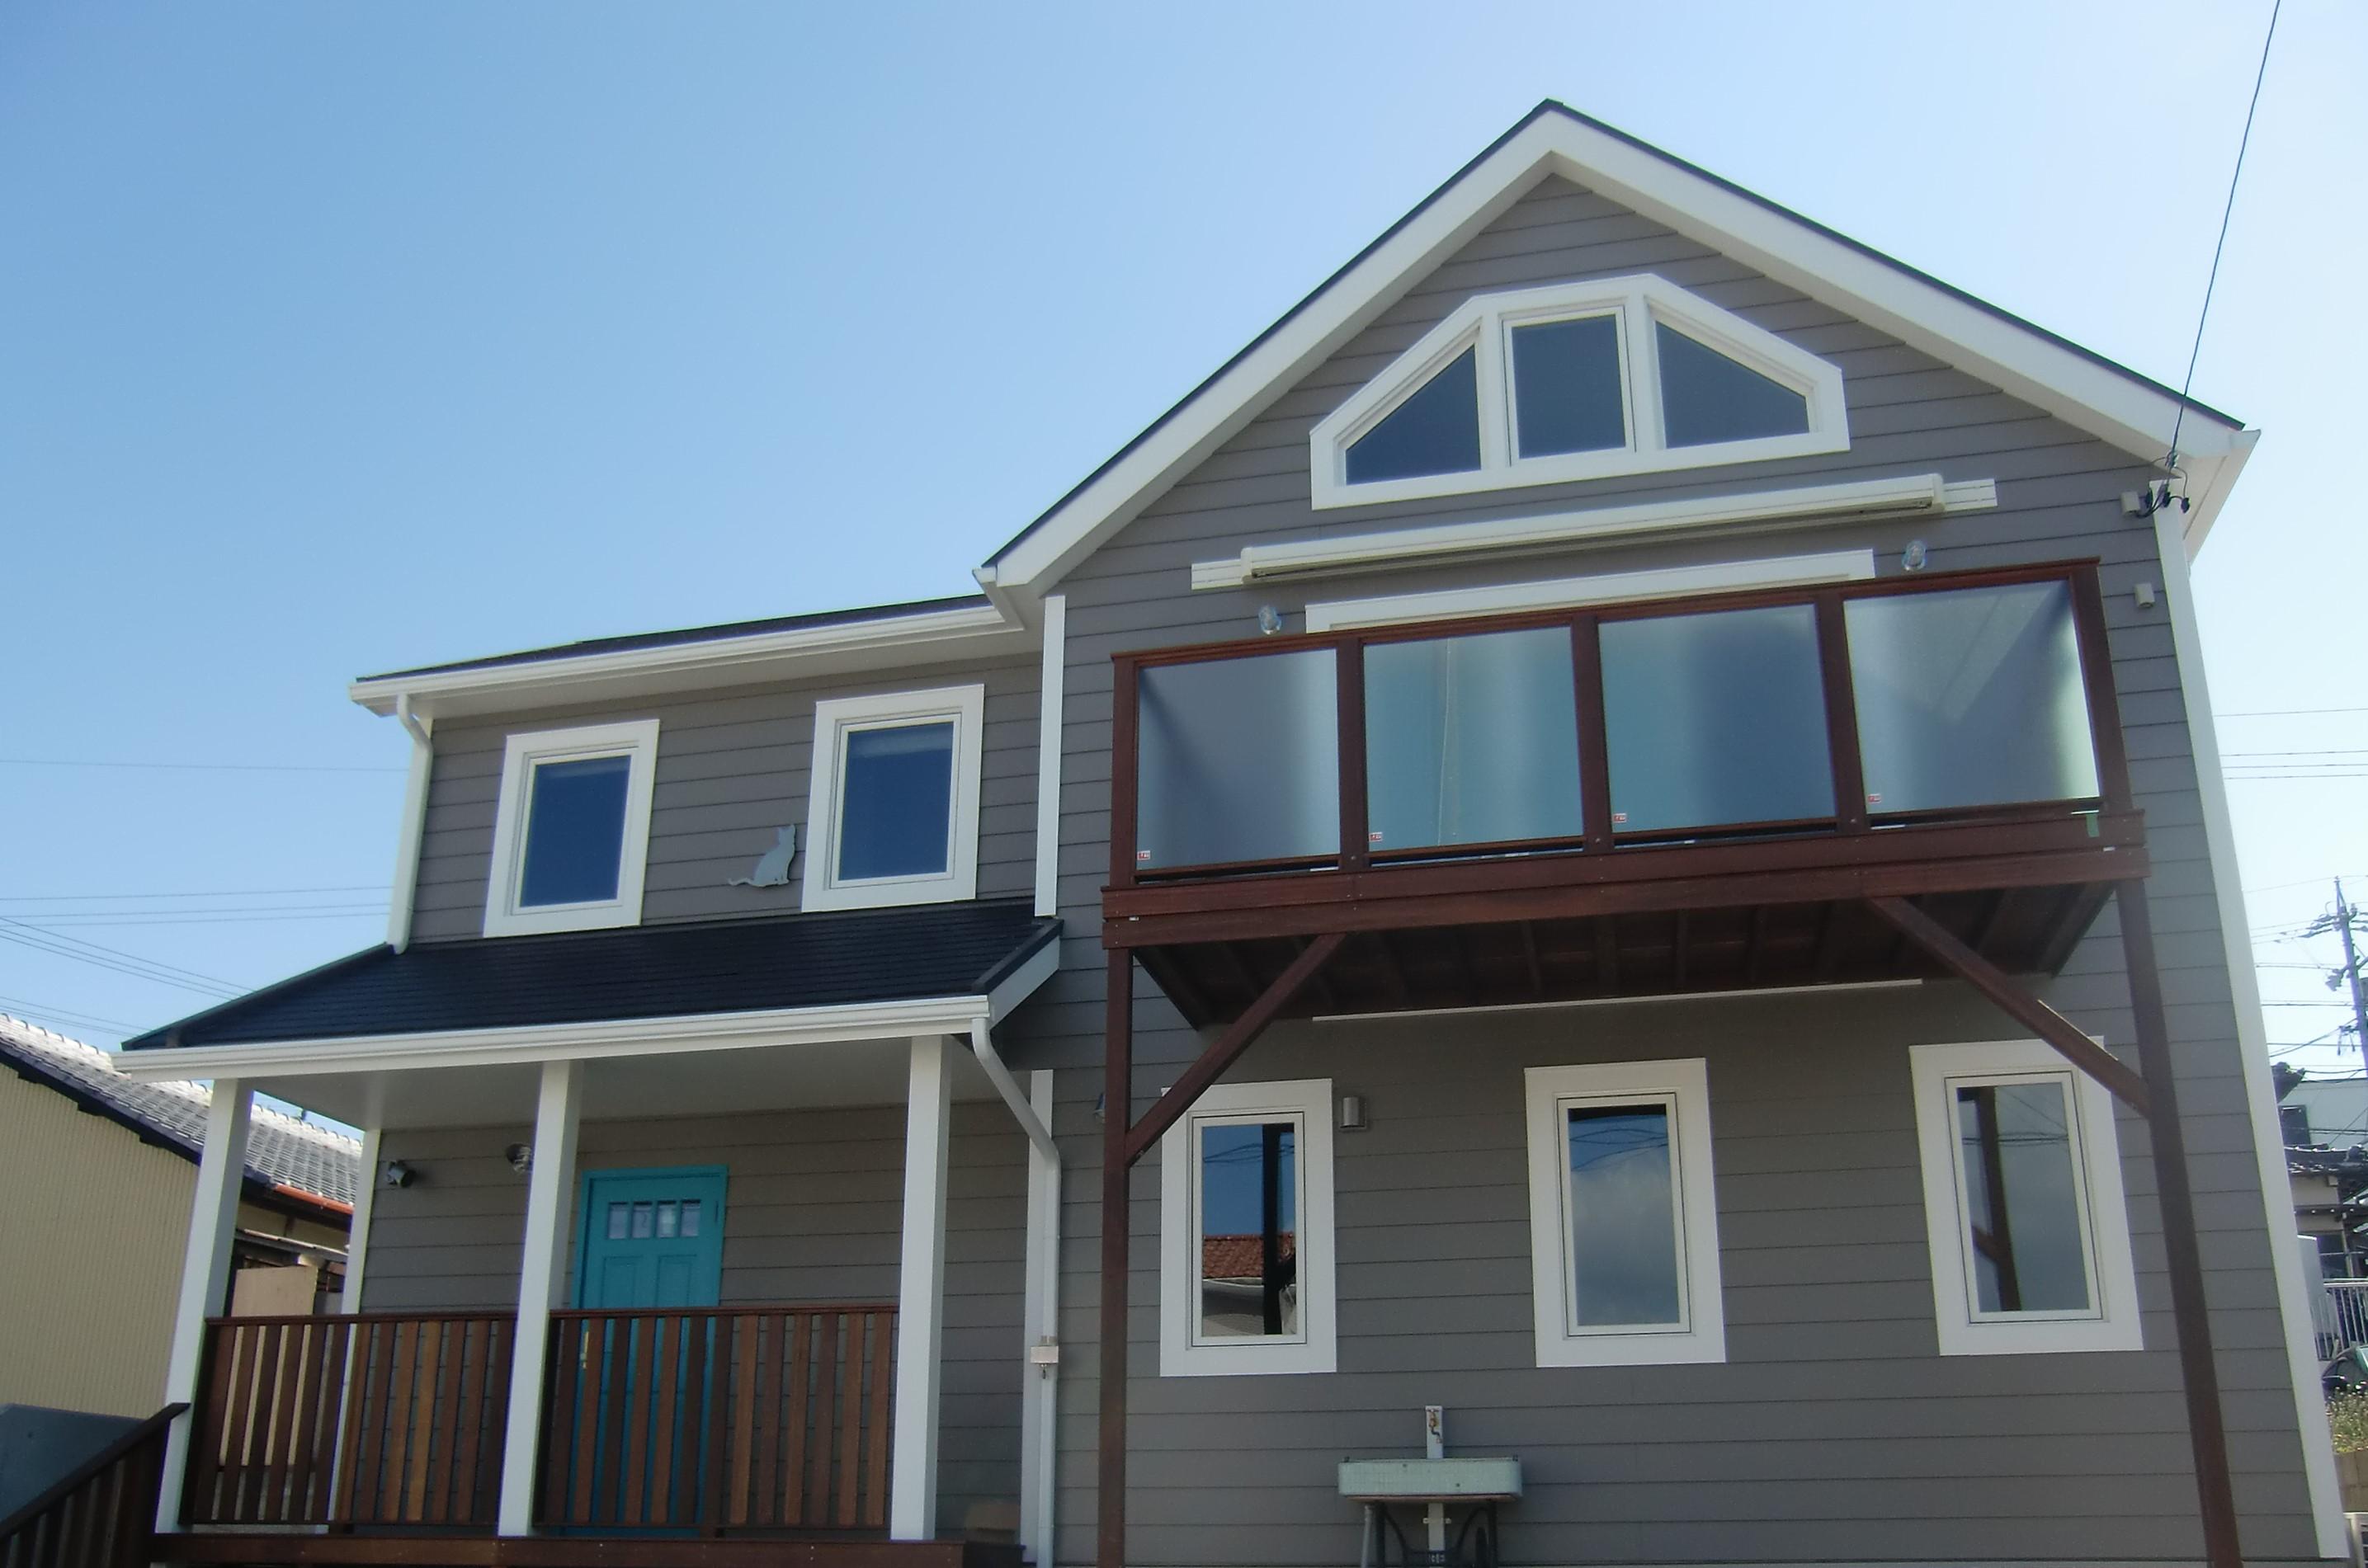 アメリカンな、ラップサイディングの家。フロンヴィルホームズ名古屋の家で30年近く暮らされていたお嬢様が、「海の見えるところに、いつか自分の家を建てたい!」という夢を実現されました。